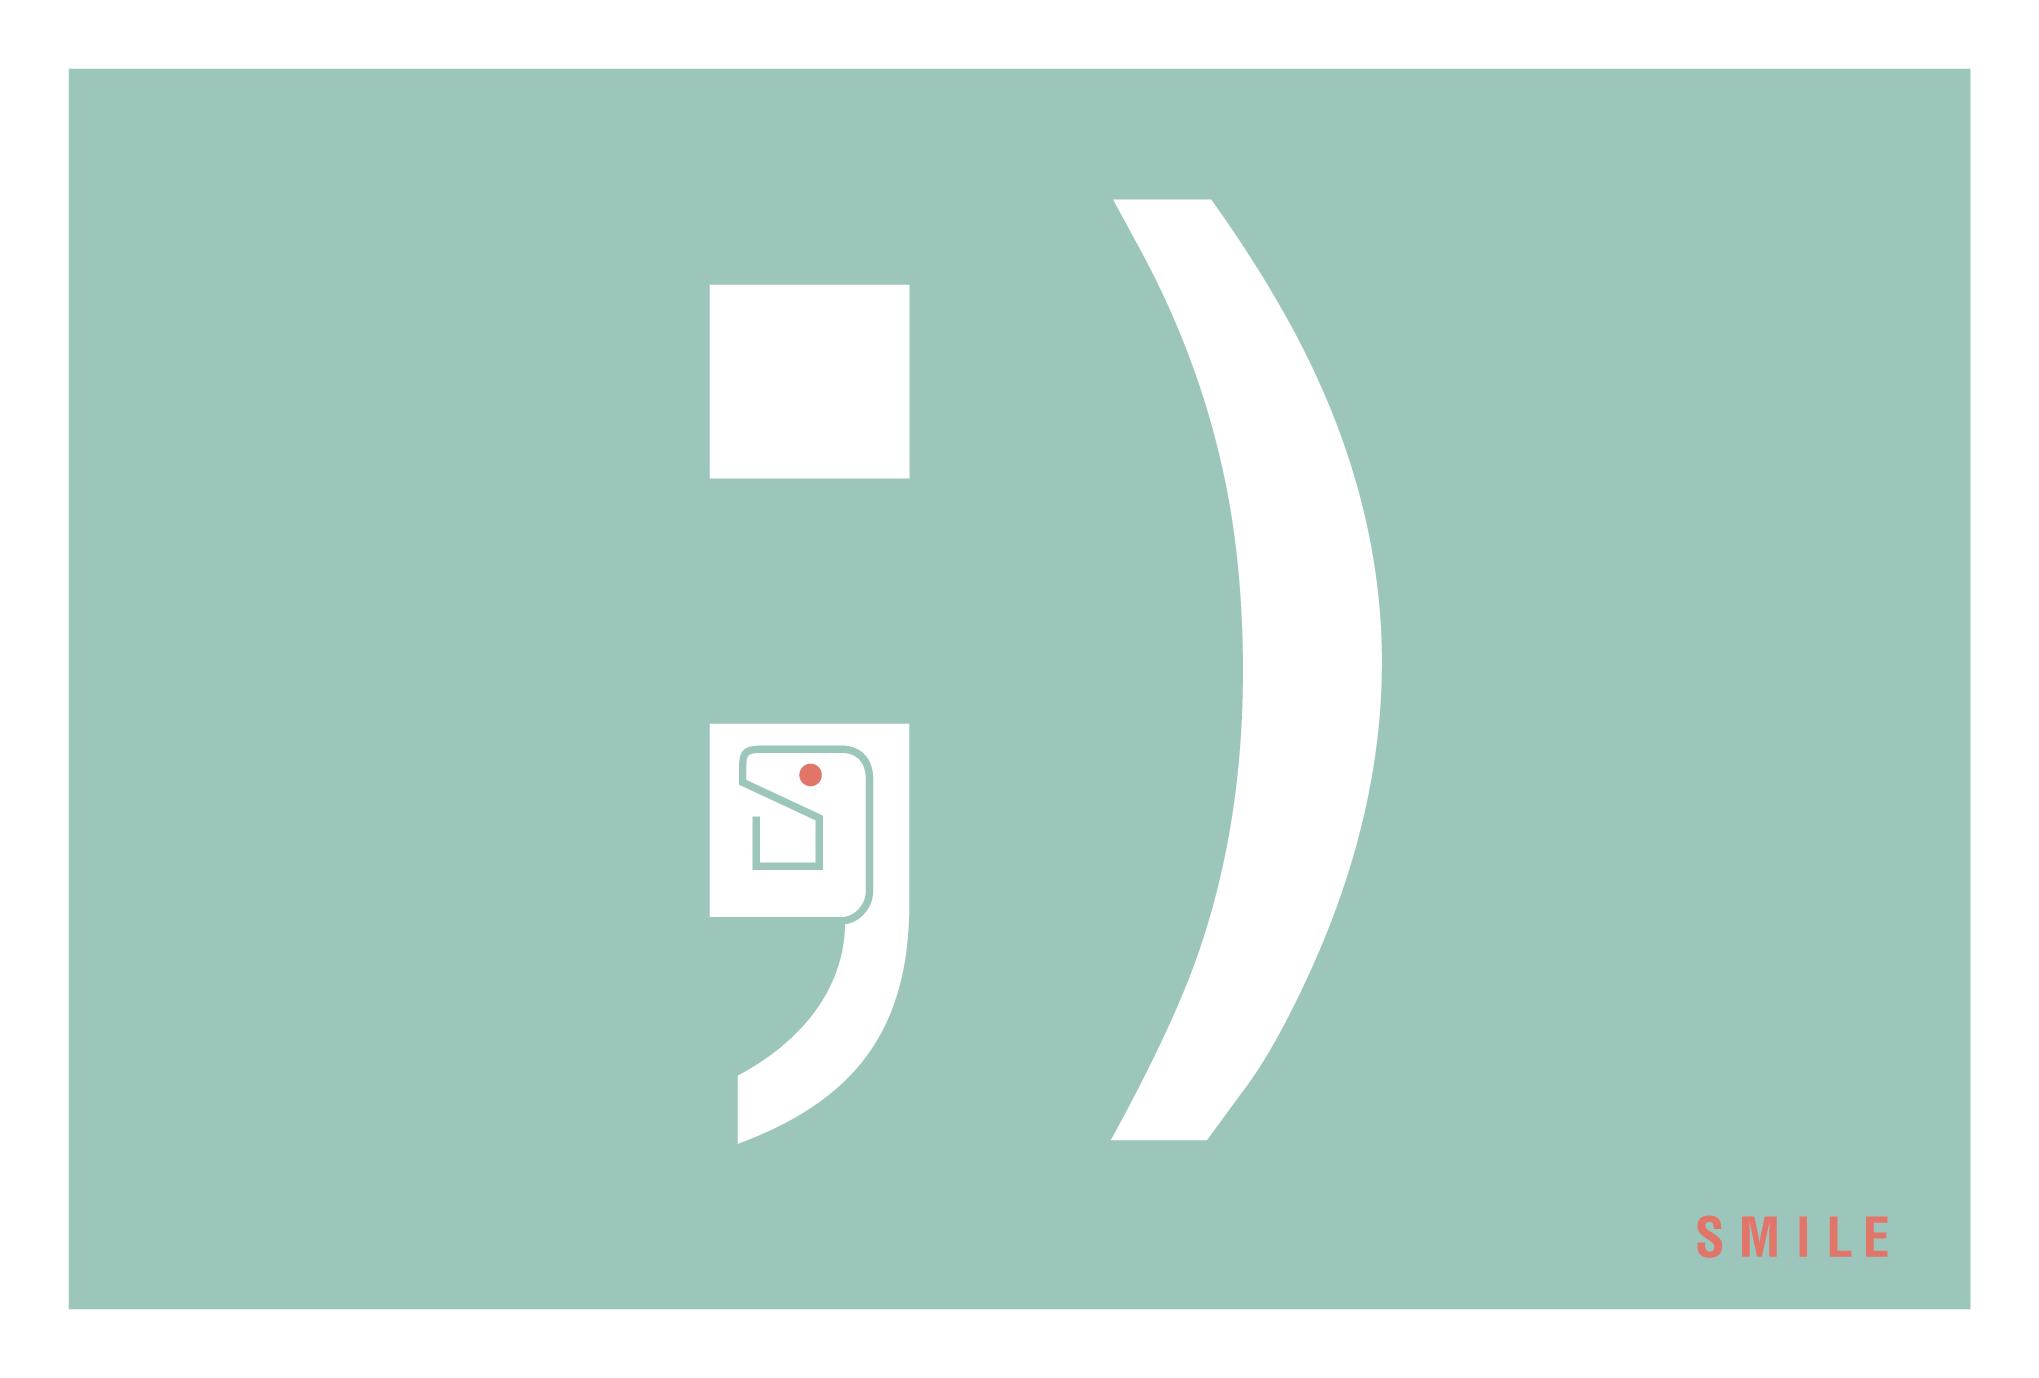 2013年賀状17-1:SMILE ; ) / 1のダウンロード画像